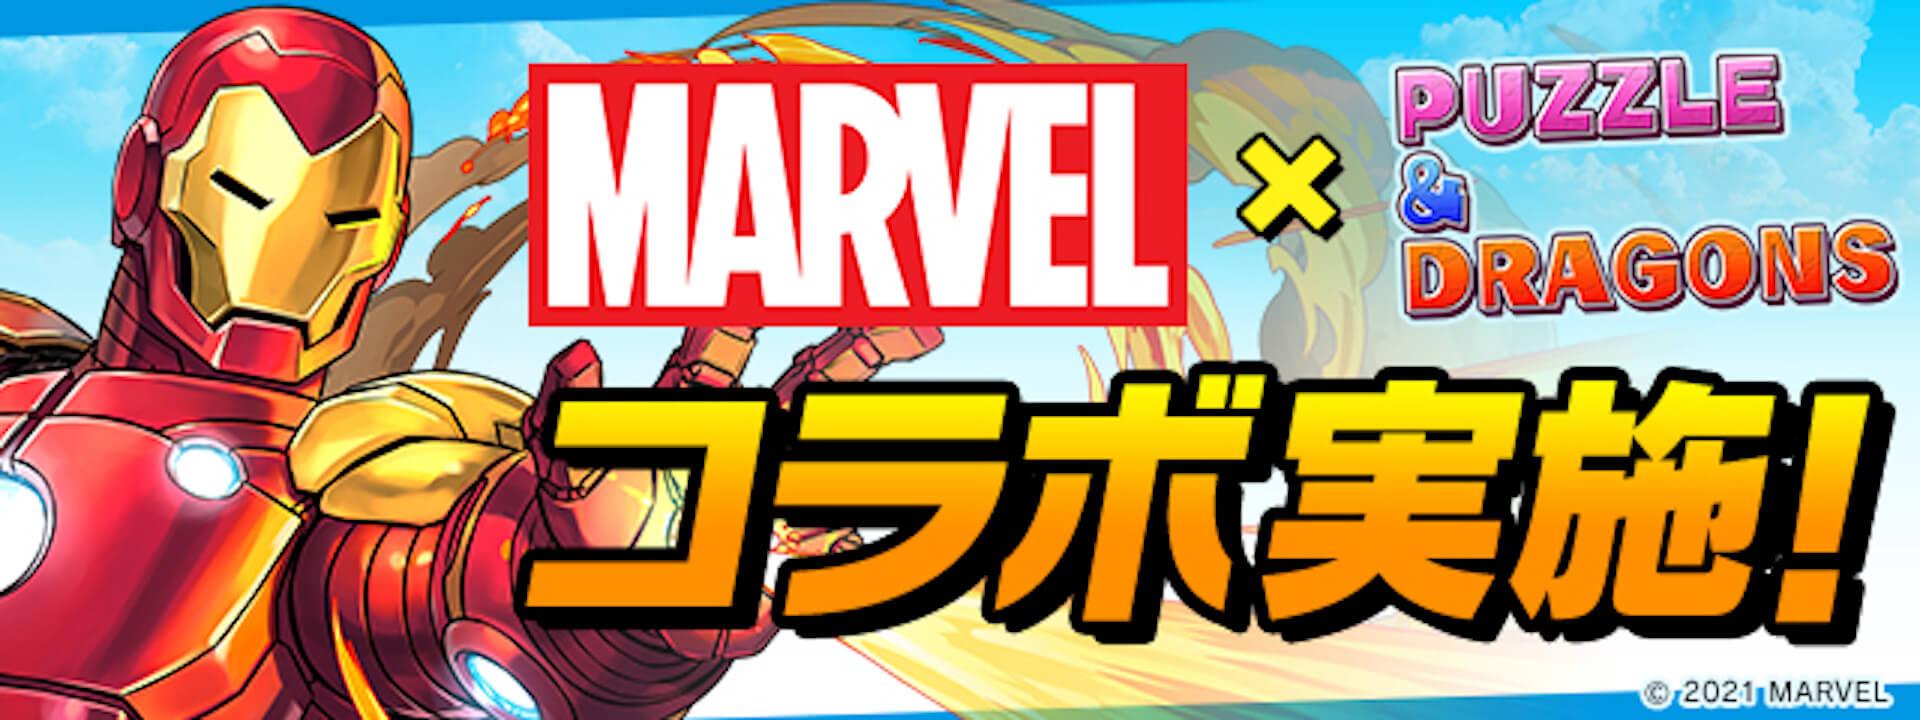 パズドラにMARVEL参戦!アイアンマン、スパイダーマン、キャプテン・マーベルらマーベルヒーローが登場 tech210222_pad_marvel_1